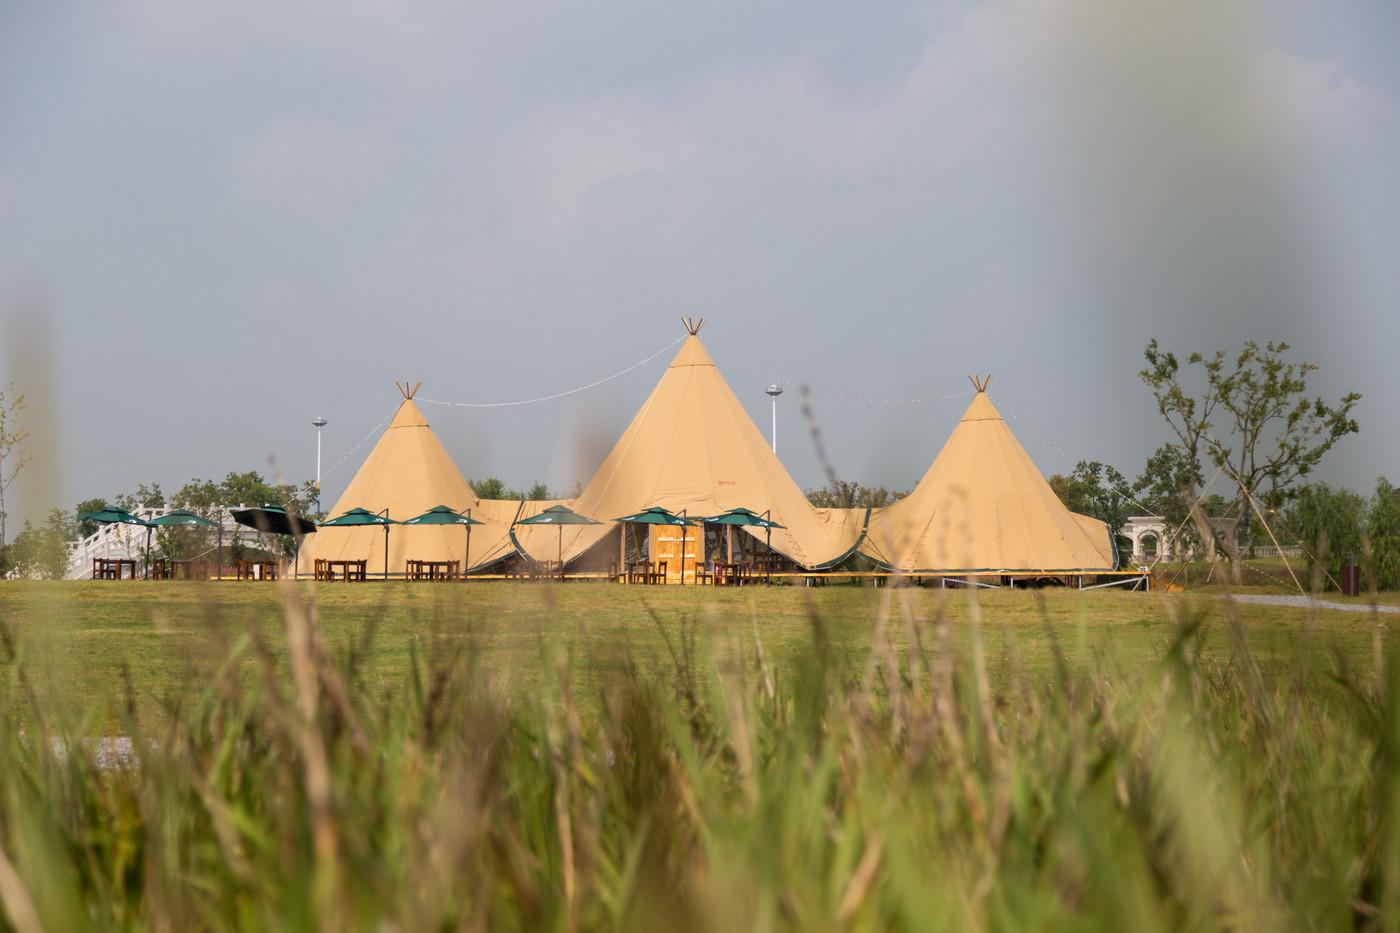 喜马拉雅印第安多功能大厅帐篷酒店10